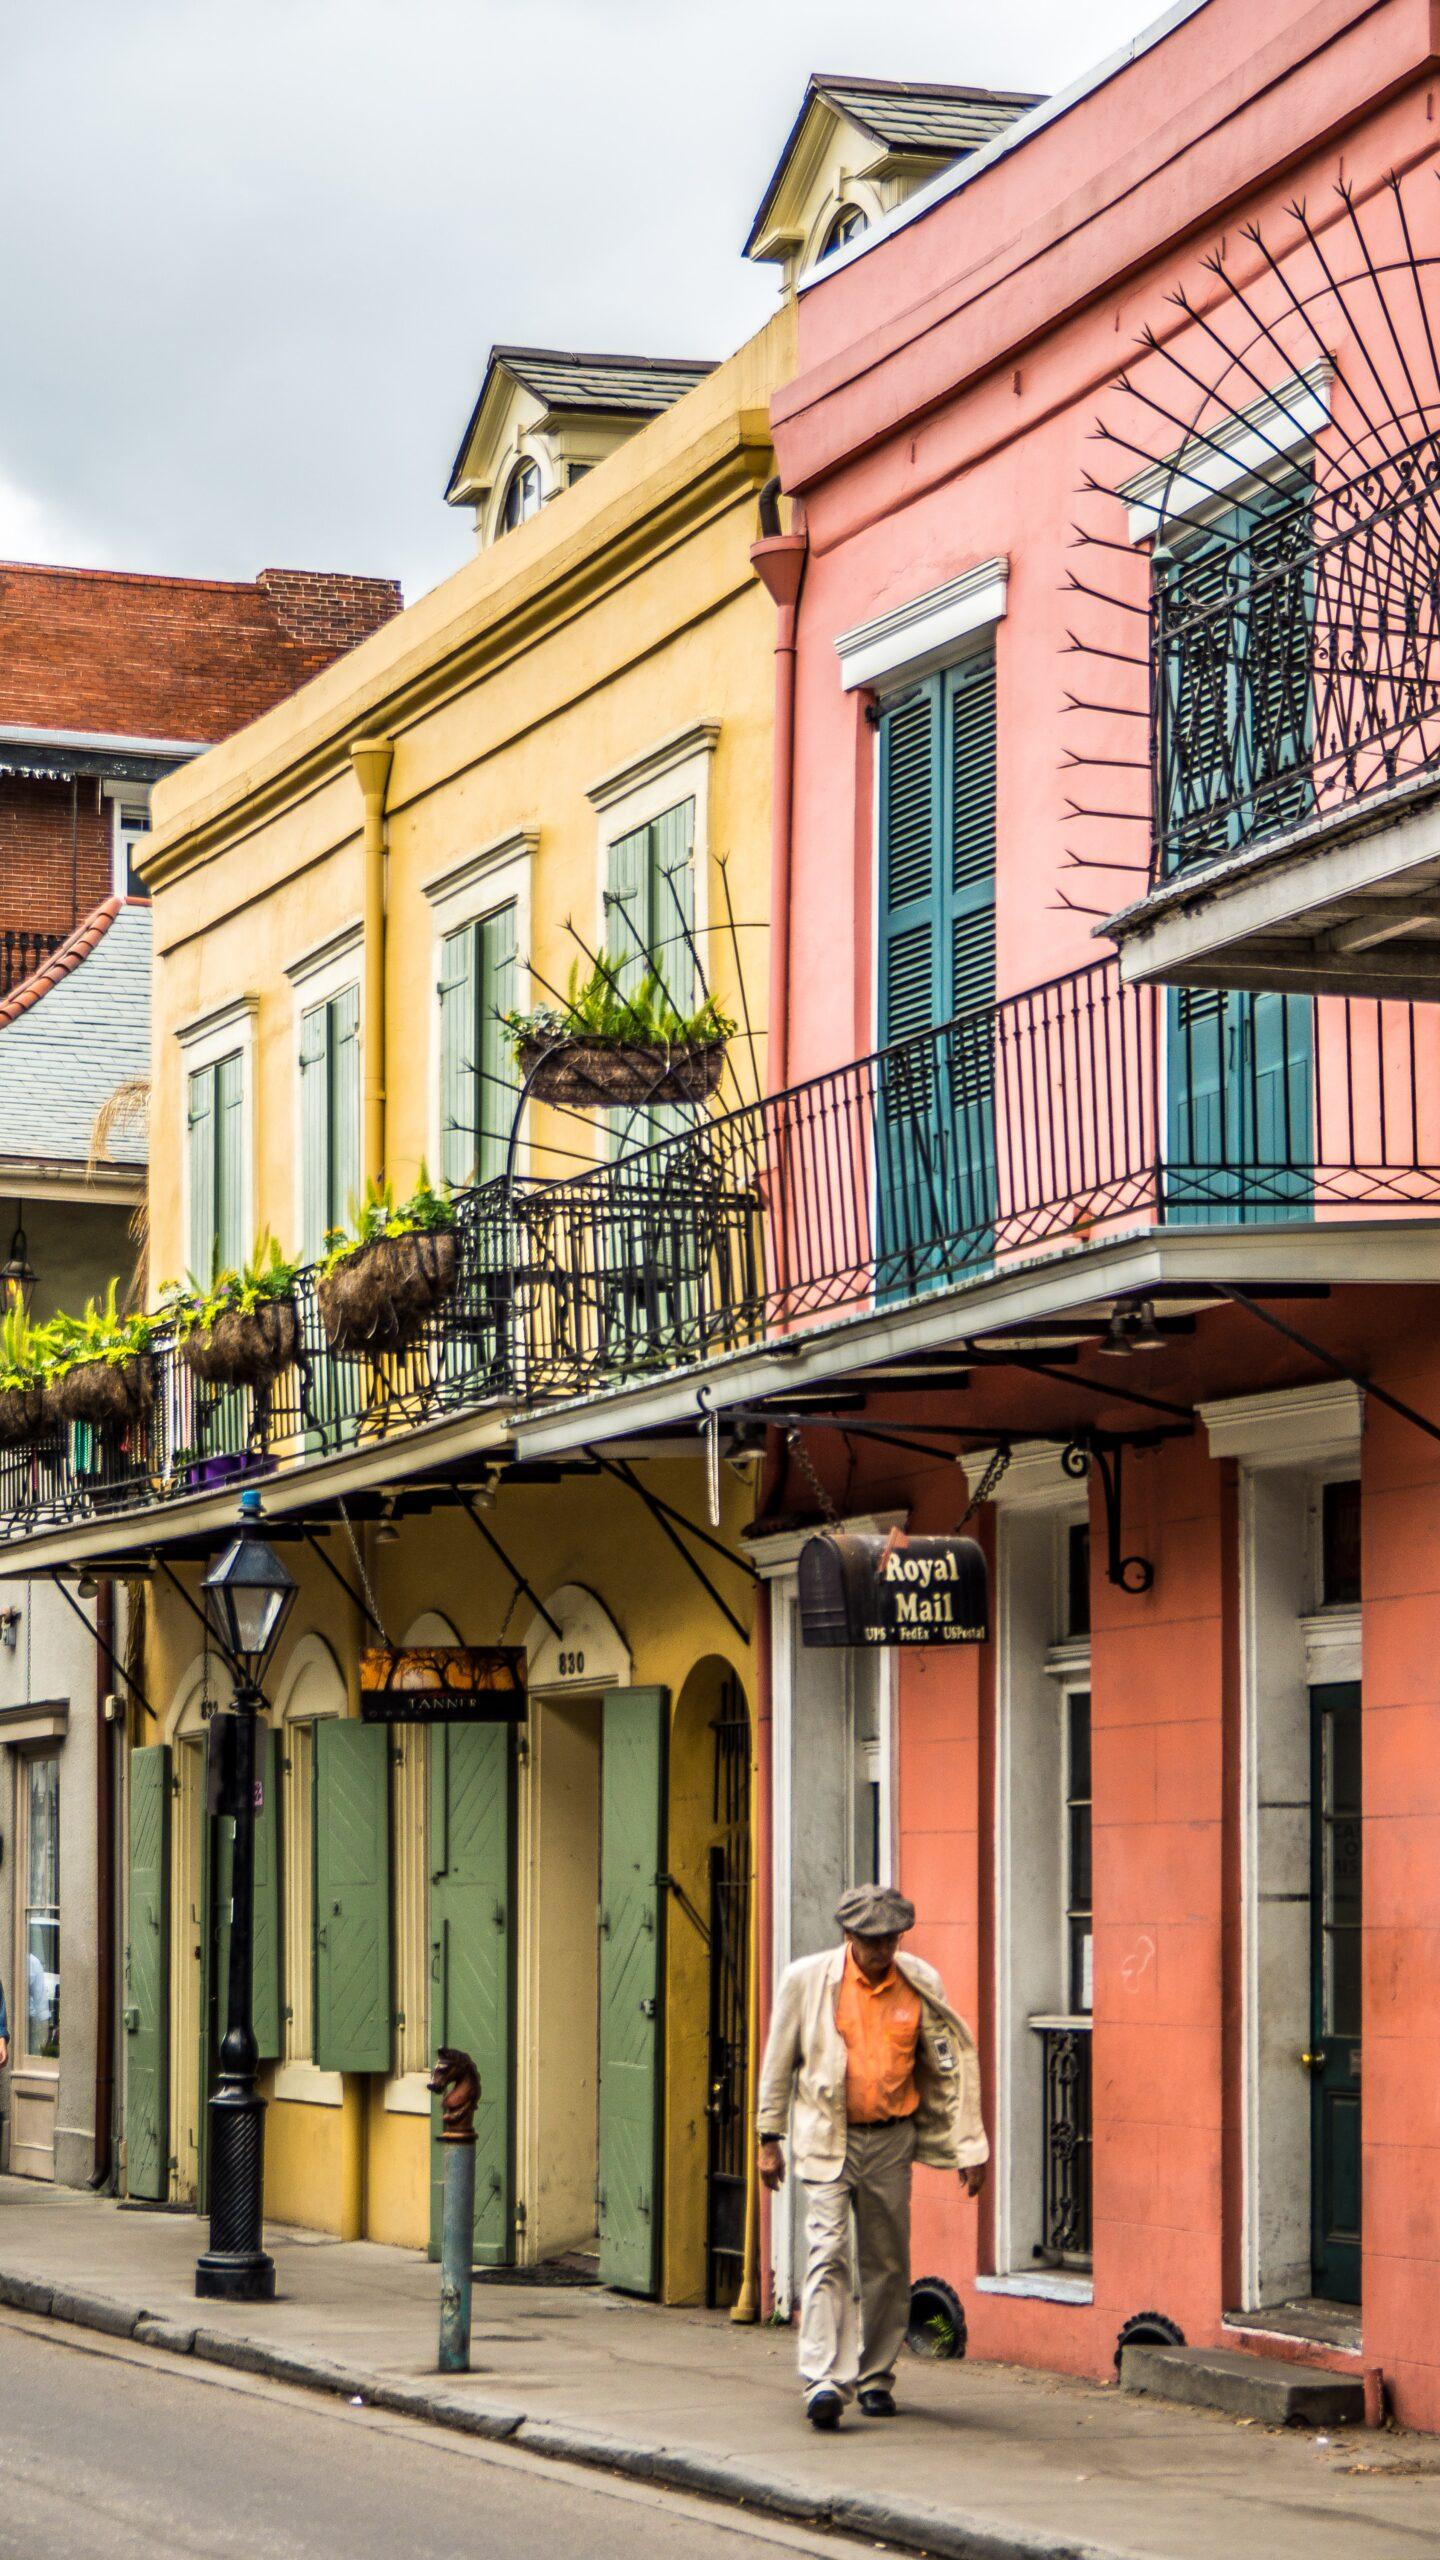 arun-kuchibhotla-new Orleans street -unsplash